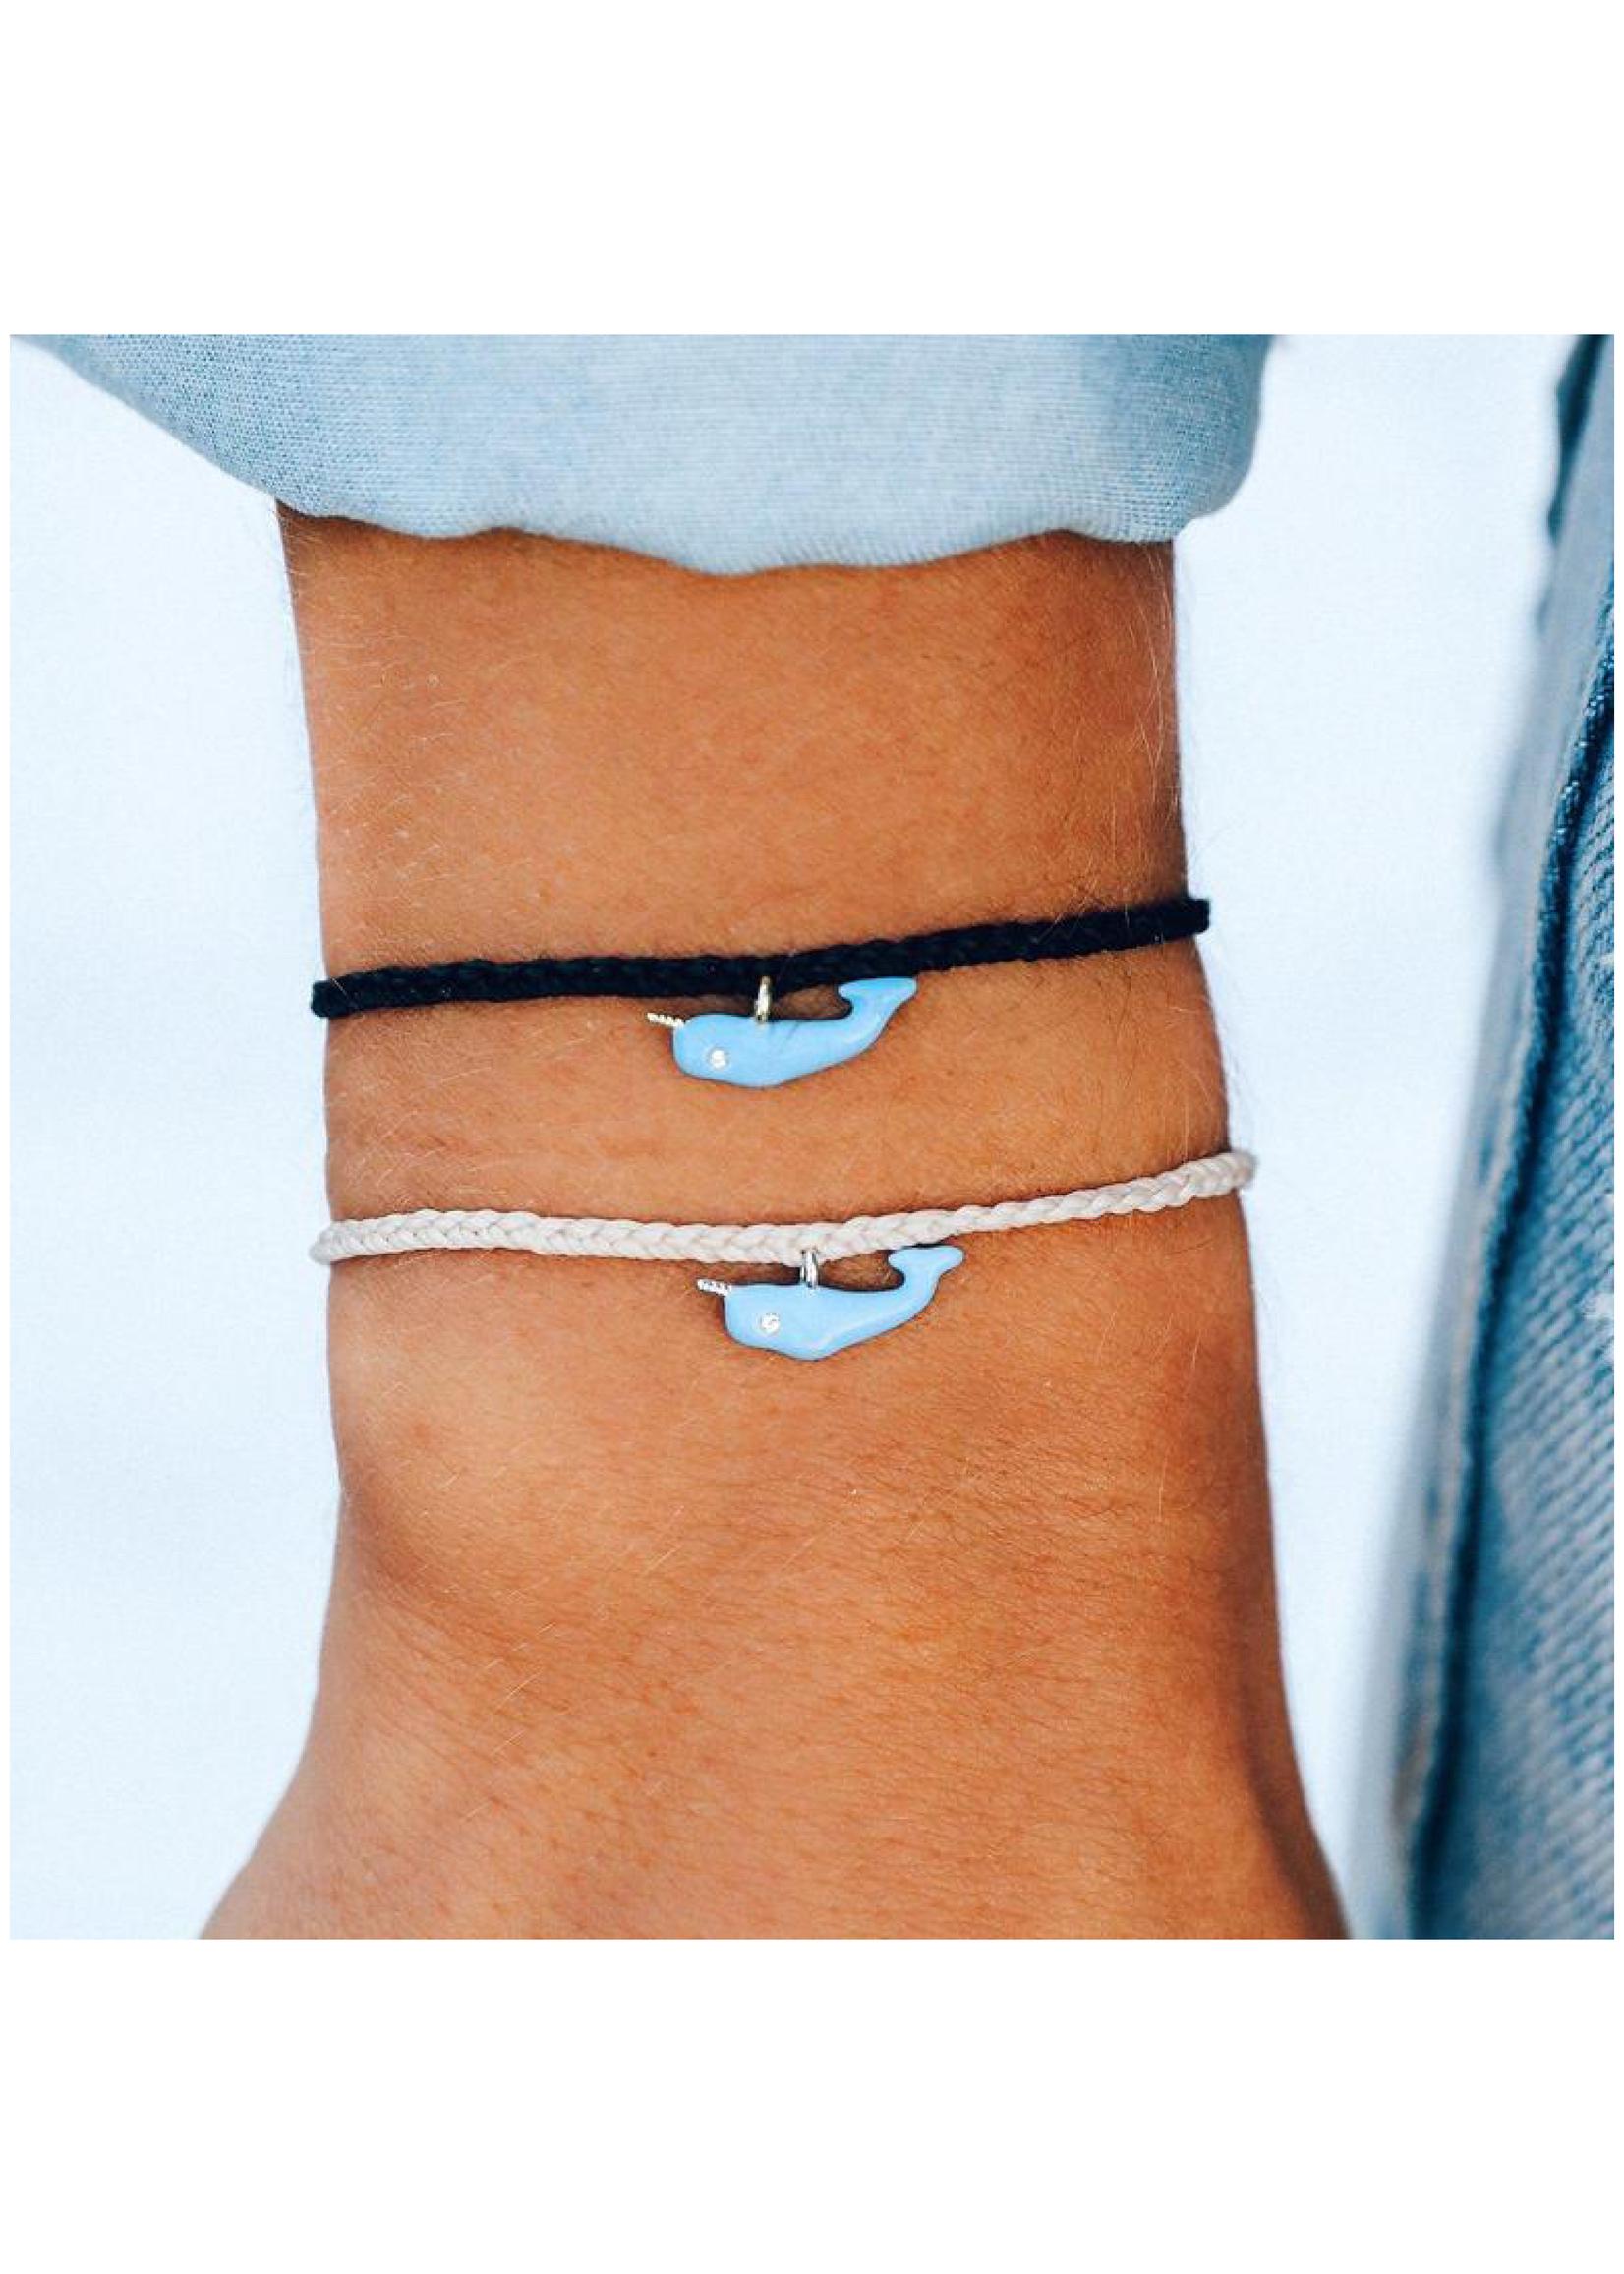 puravida bracelets Narwhal Silver Vanilla